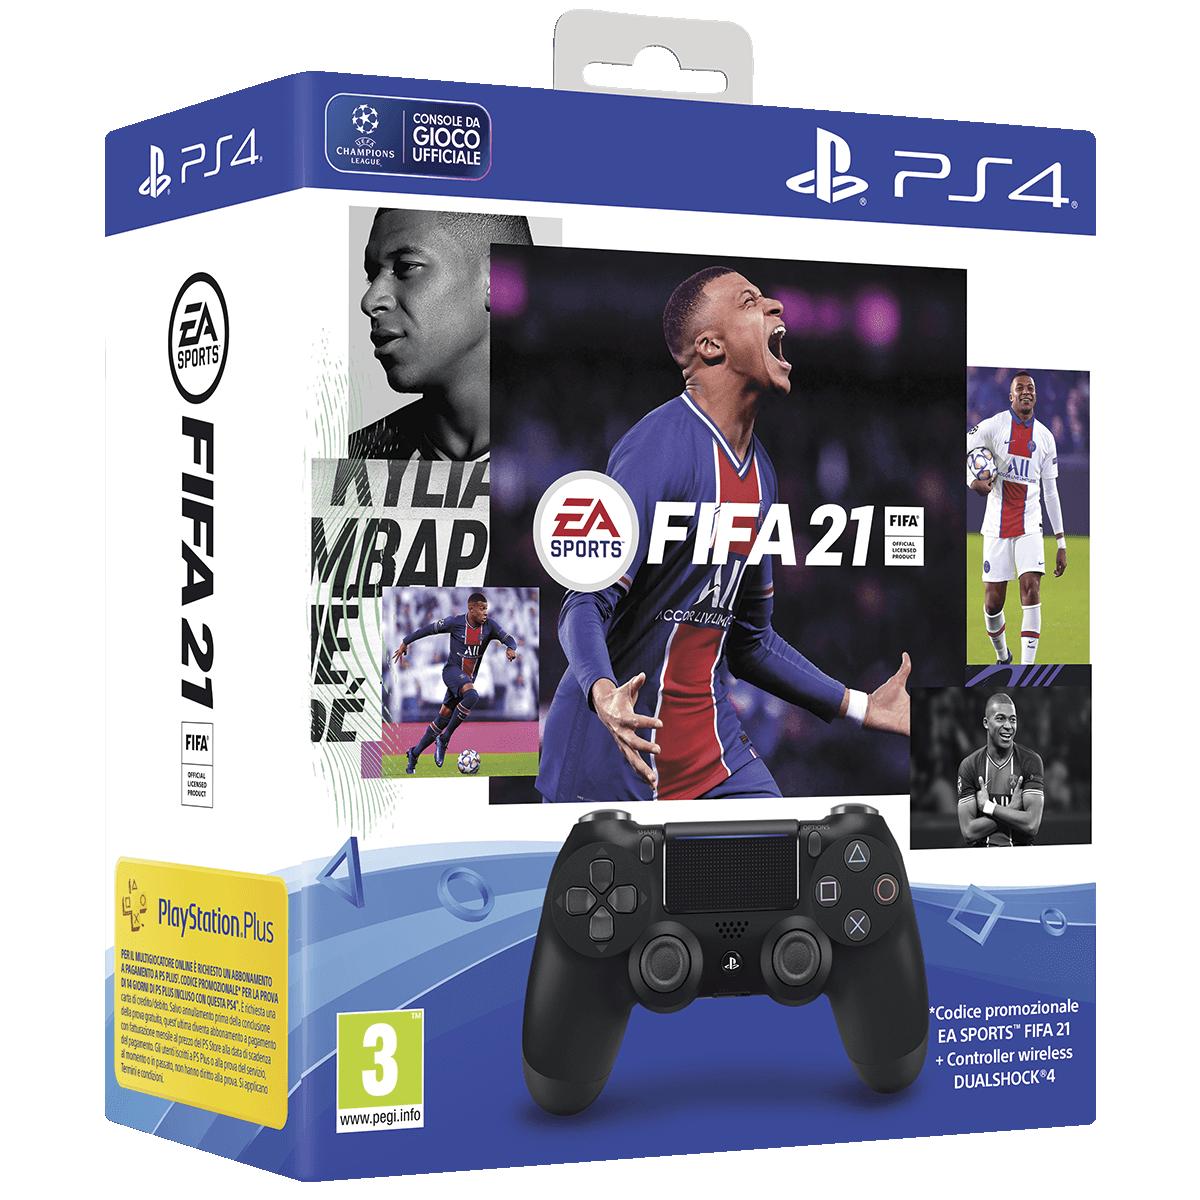 Immagine pacchetto DS4 FIFA 21